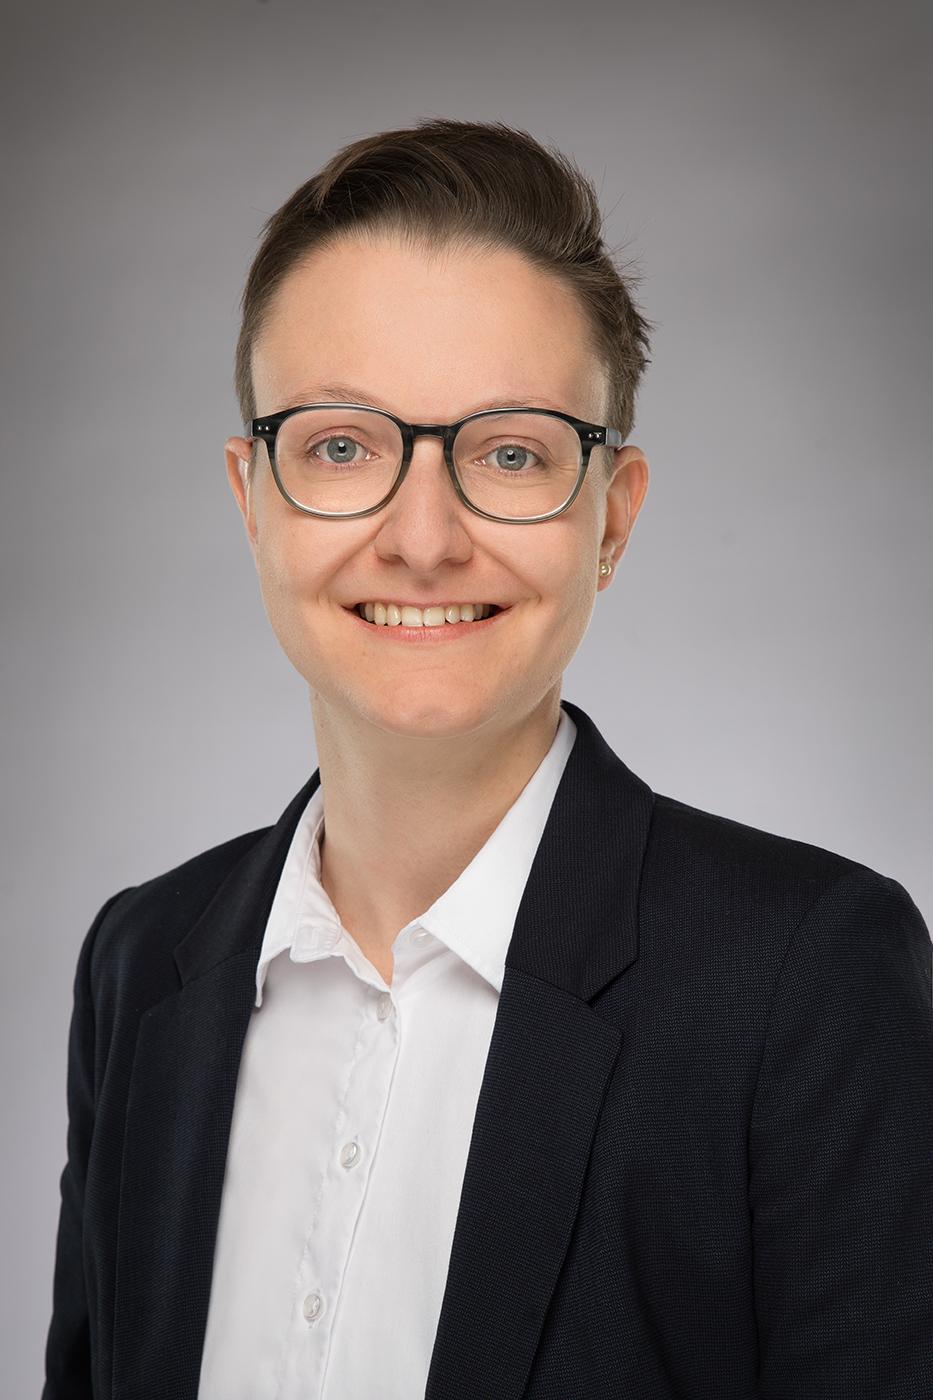 Eva Schwendimann